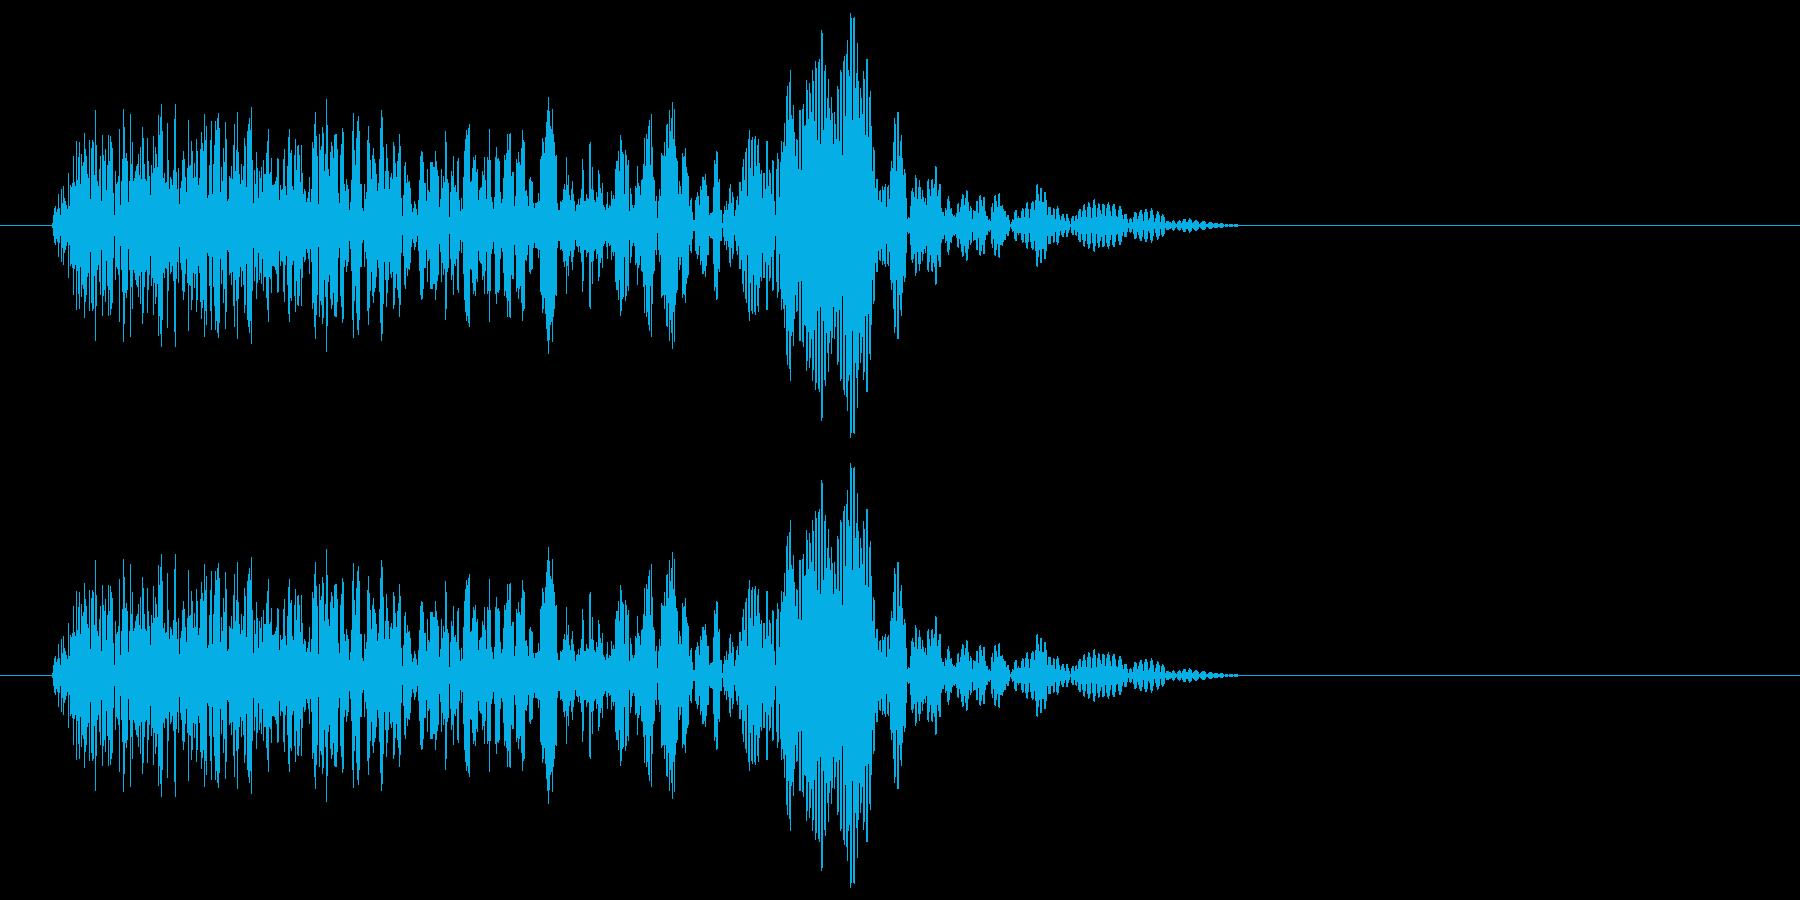 ピュンッ!短めの風切り電子の効果音の再生済みの波形